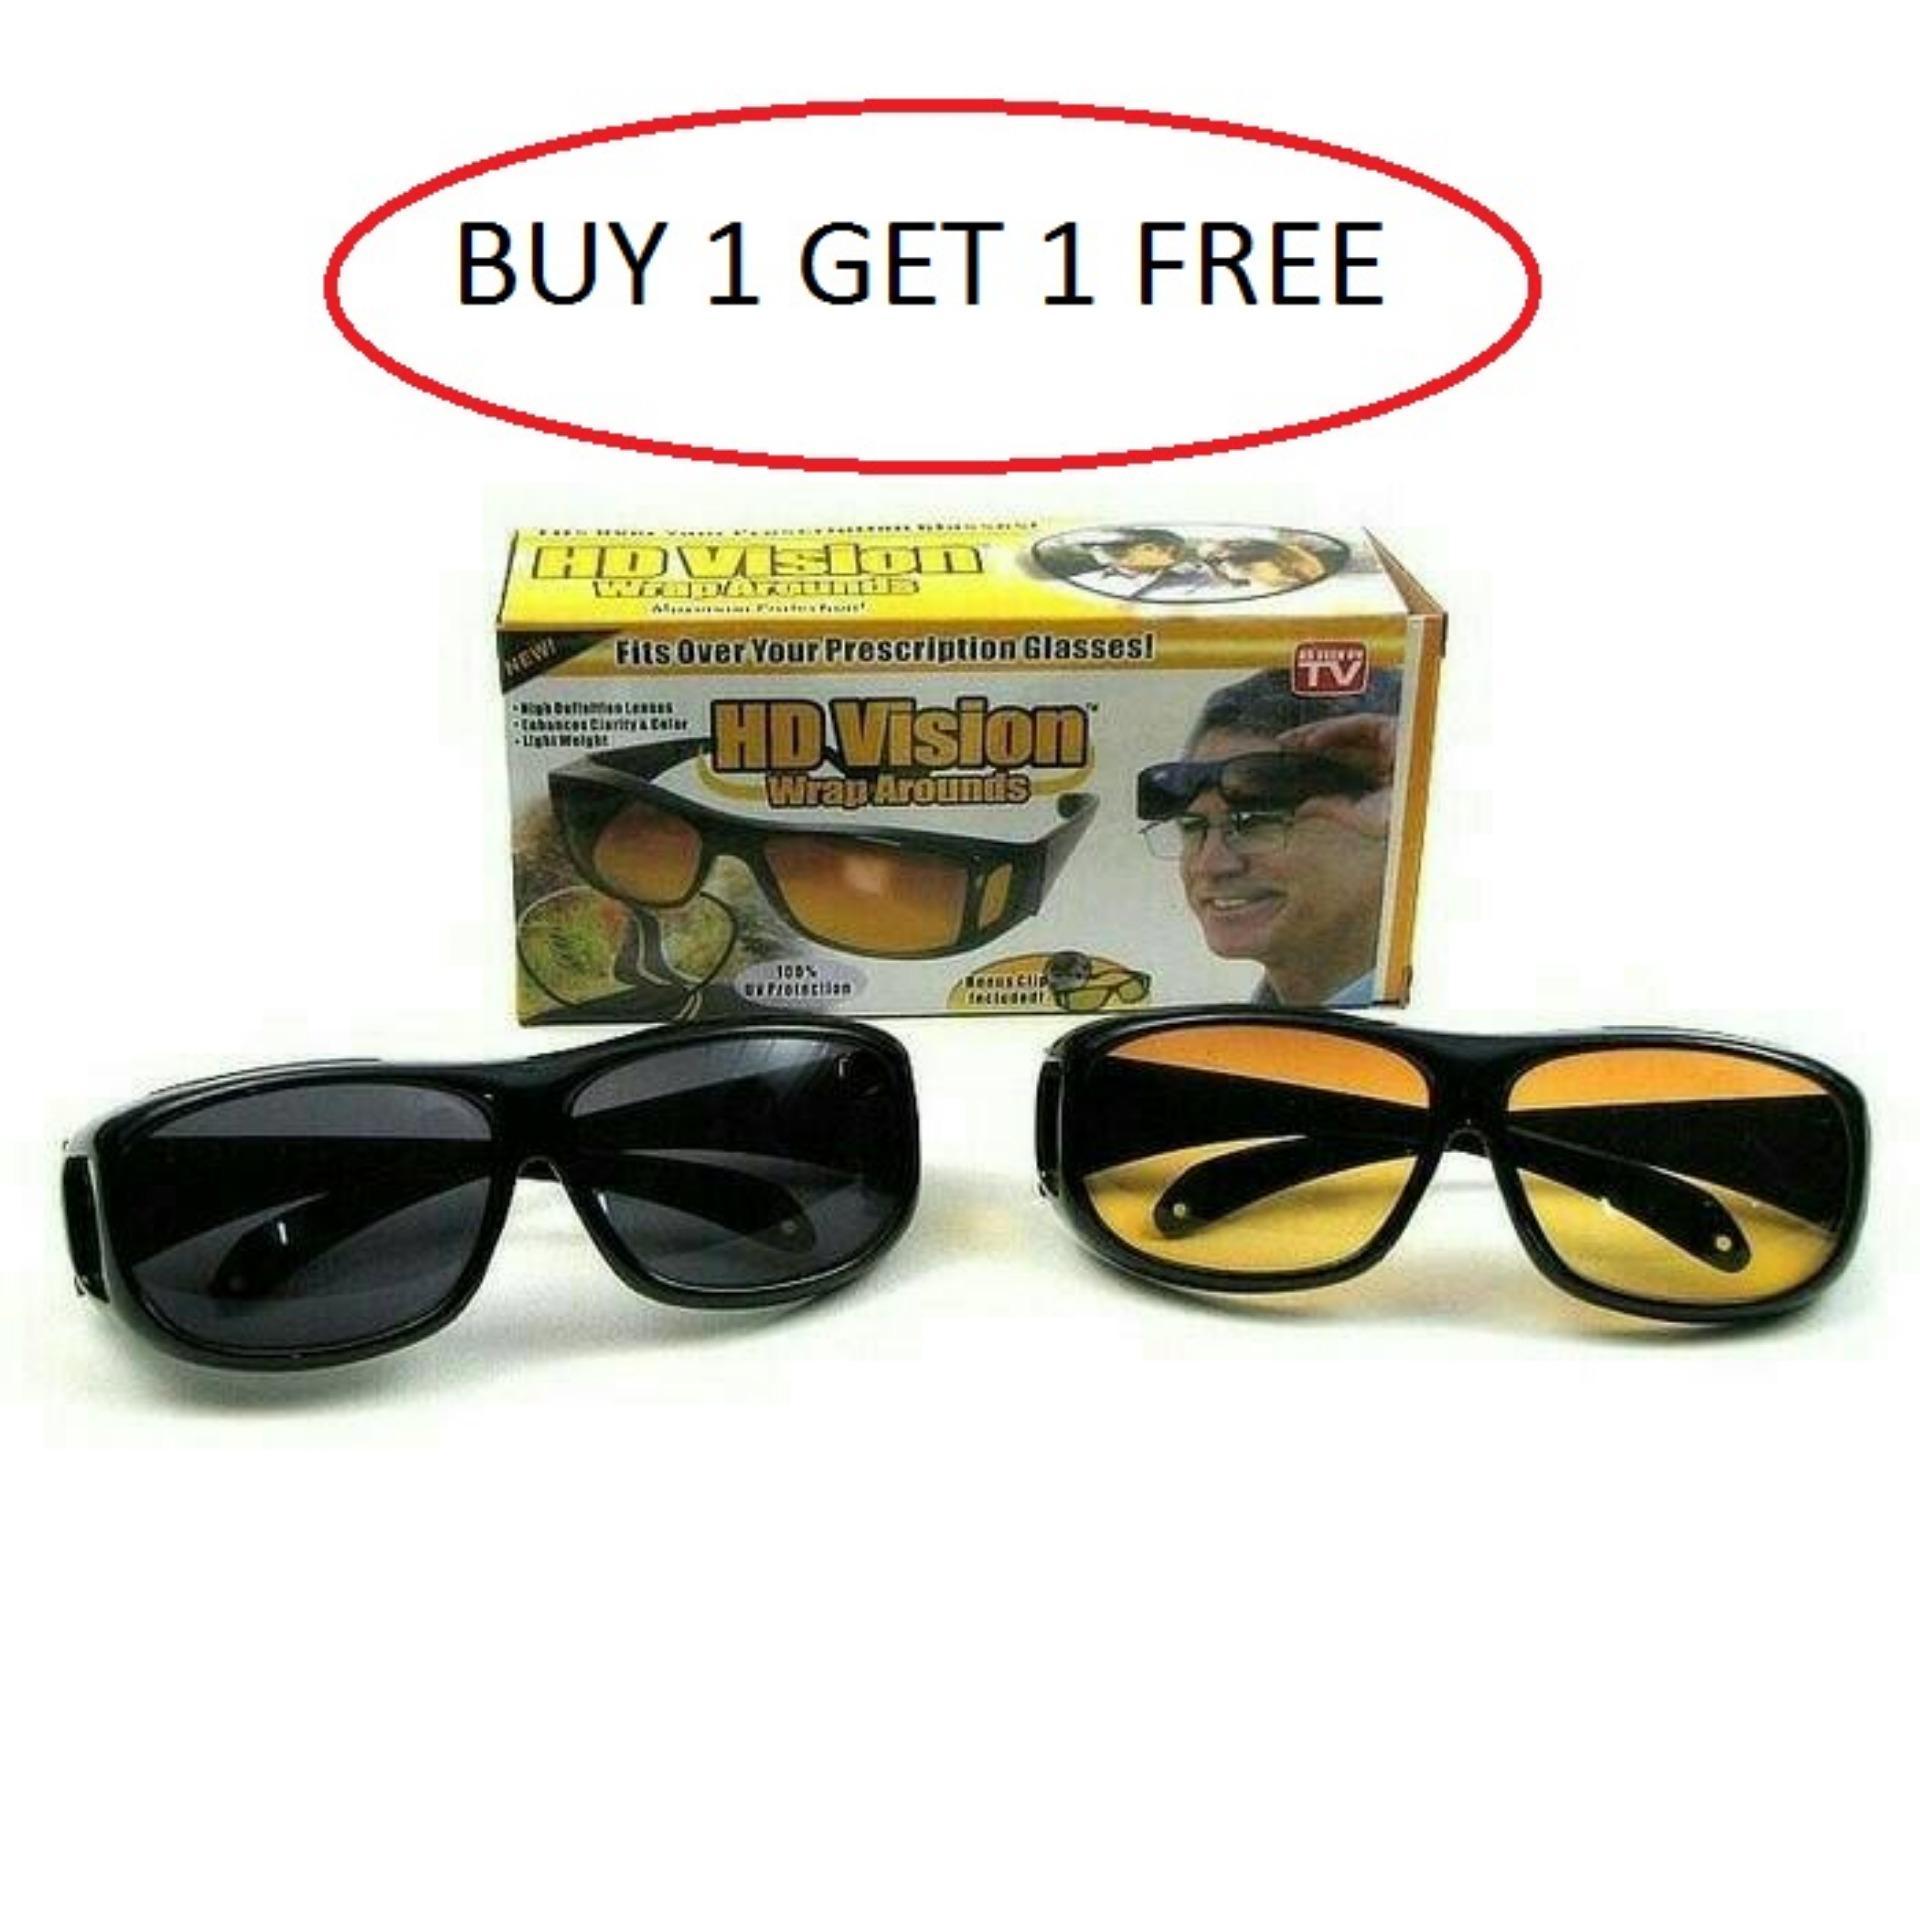 Pencari Harga HD vision kacamata anti silau Siang   Malam isi 2pcs ... e2dead1e9b